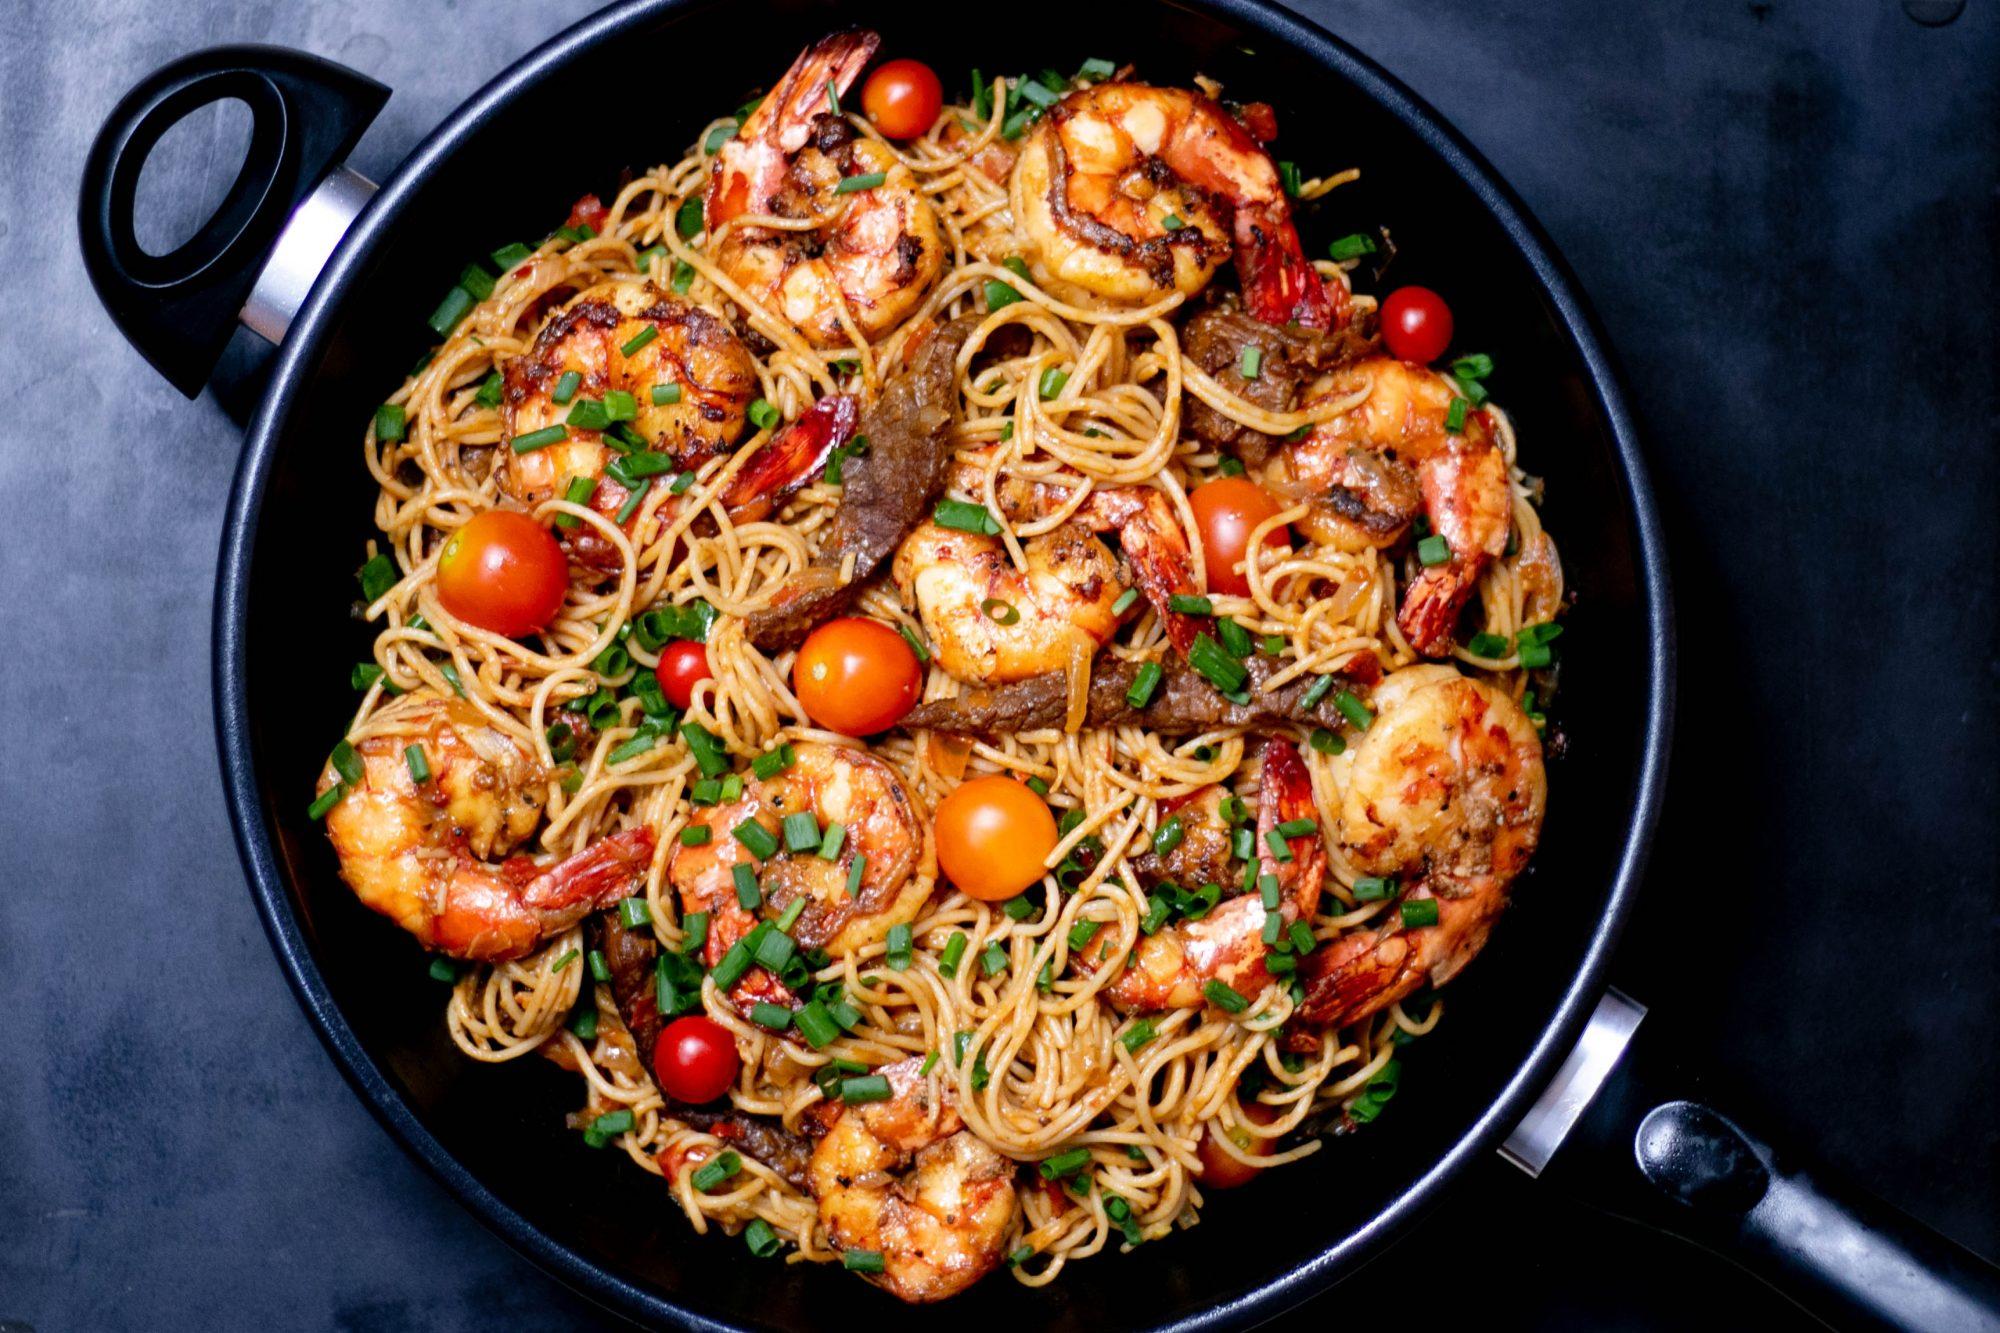 Παγκόσμια Ημέρα Ζυμαρικών: 4 +1 μακαρονάδες που θα τρελάνουν τον ουρανίσκο σου Αν και στο δικό μας μυαλό - ως γνήσιοι pasta lovers - κάθε ημέρα υπάρχει μια καλή αφορμή για να φάμε μακαρόνια, σήμερα είναι σχεδόν... υποχρεωτικό!